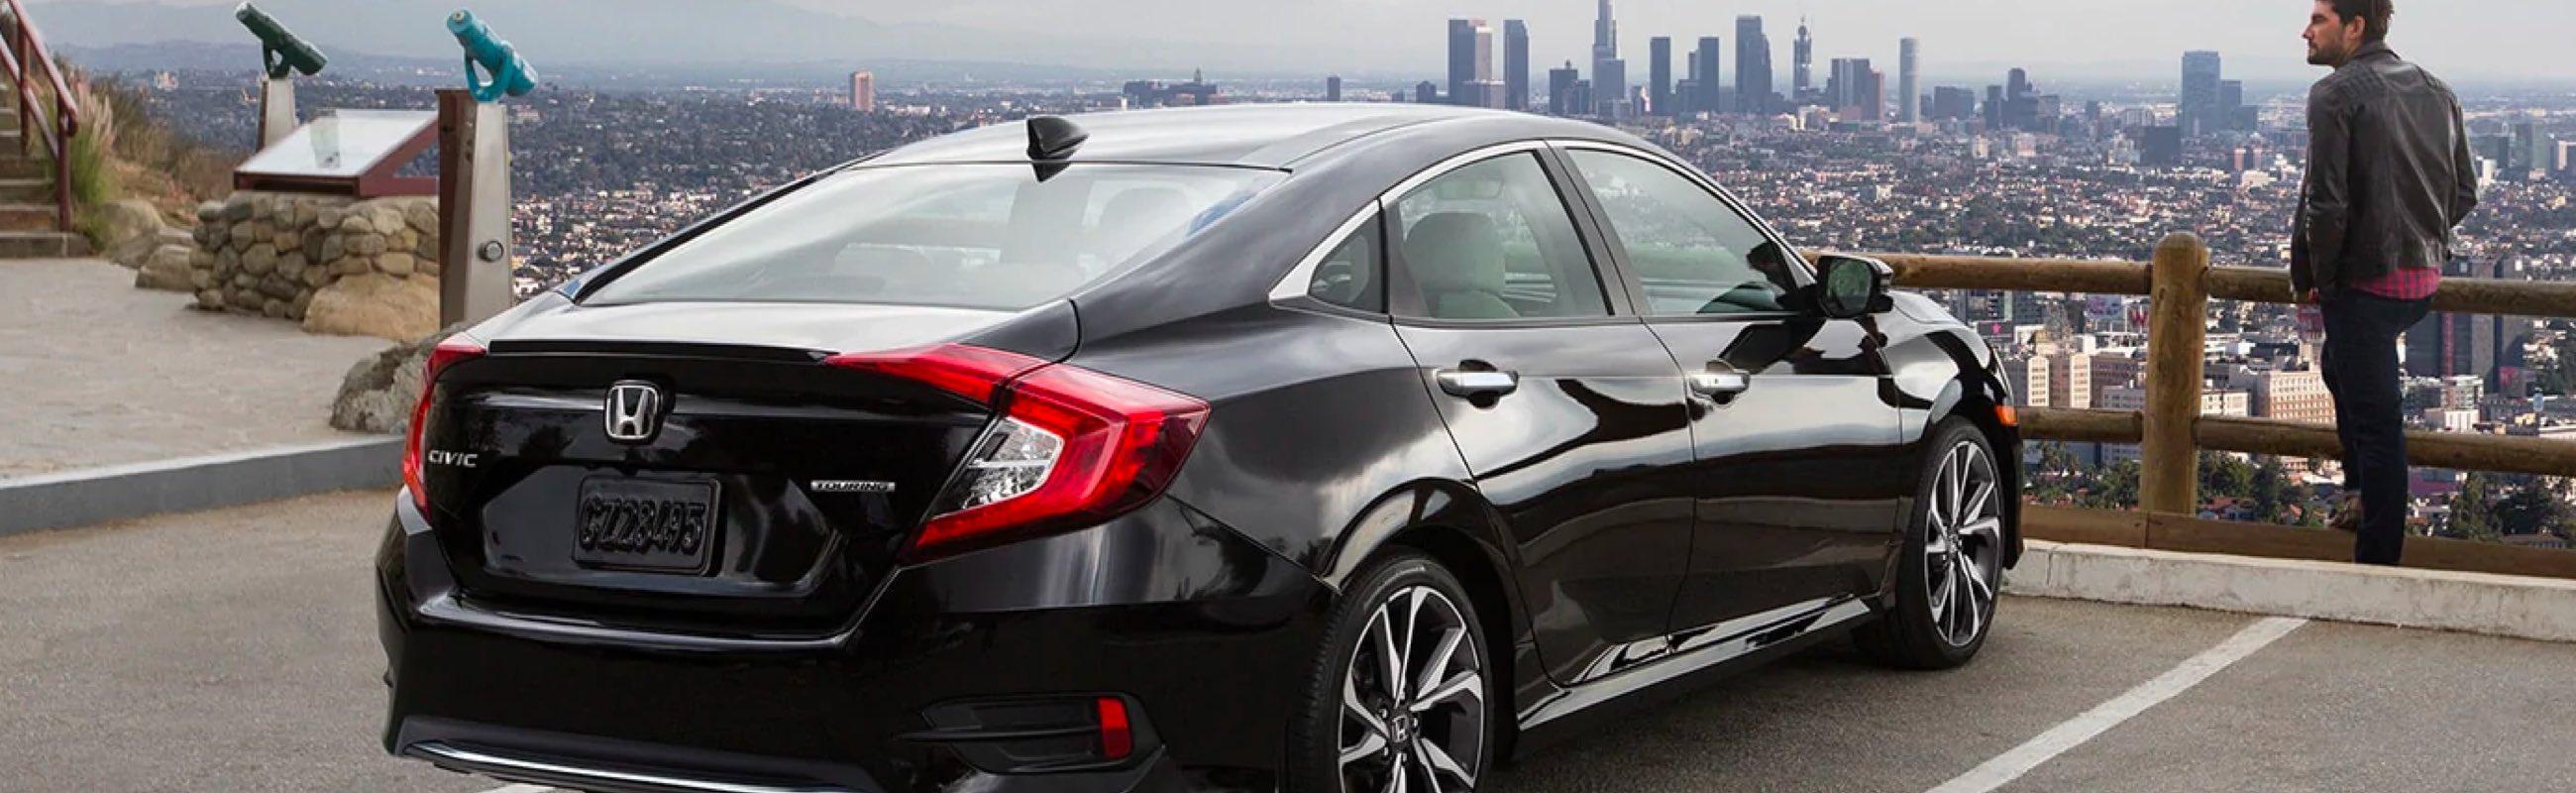 Black Honda Civic Sedan